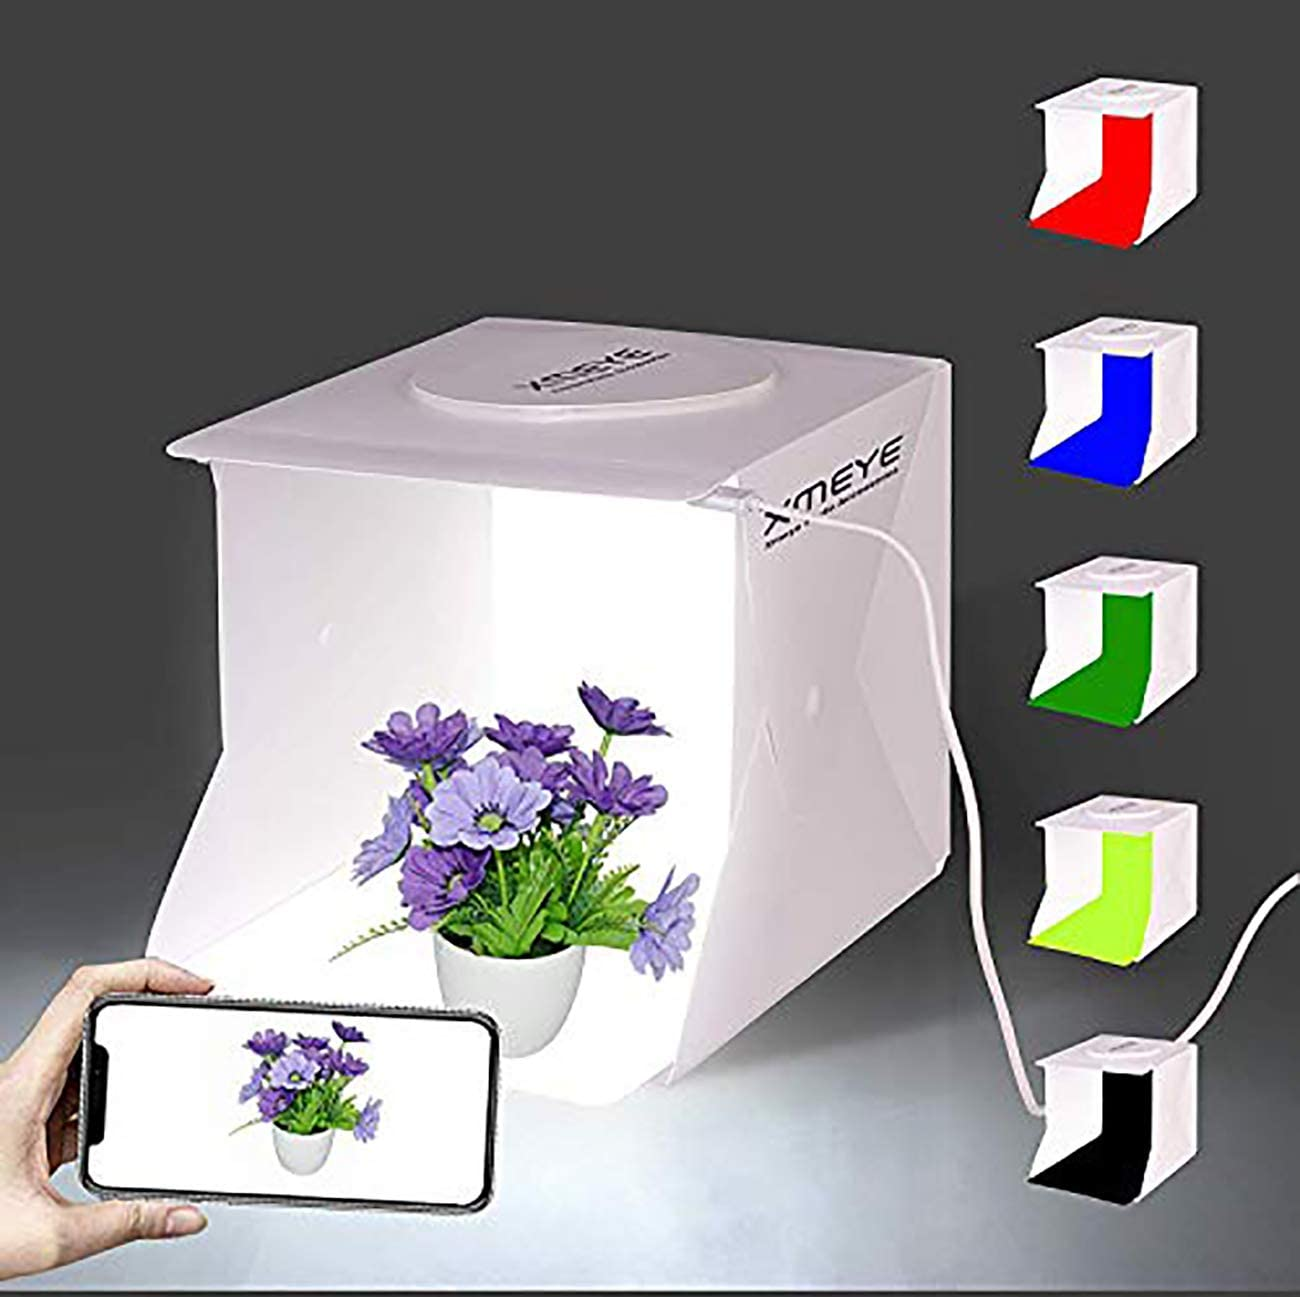 unho Backdrop Mini Photo Studio Photography Light Room Portable Box Lighting Tent Kit